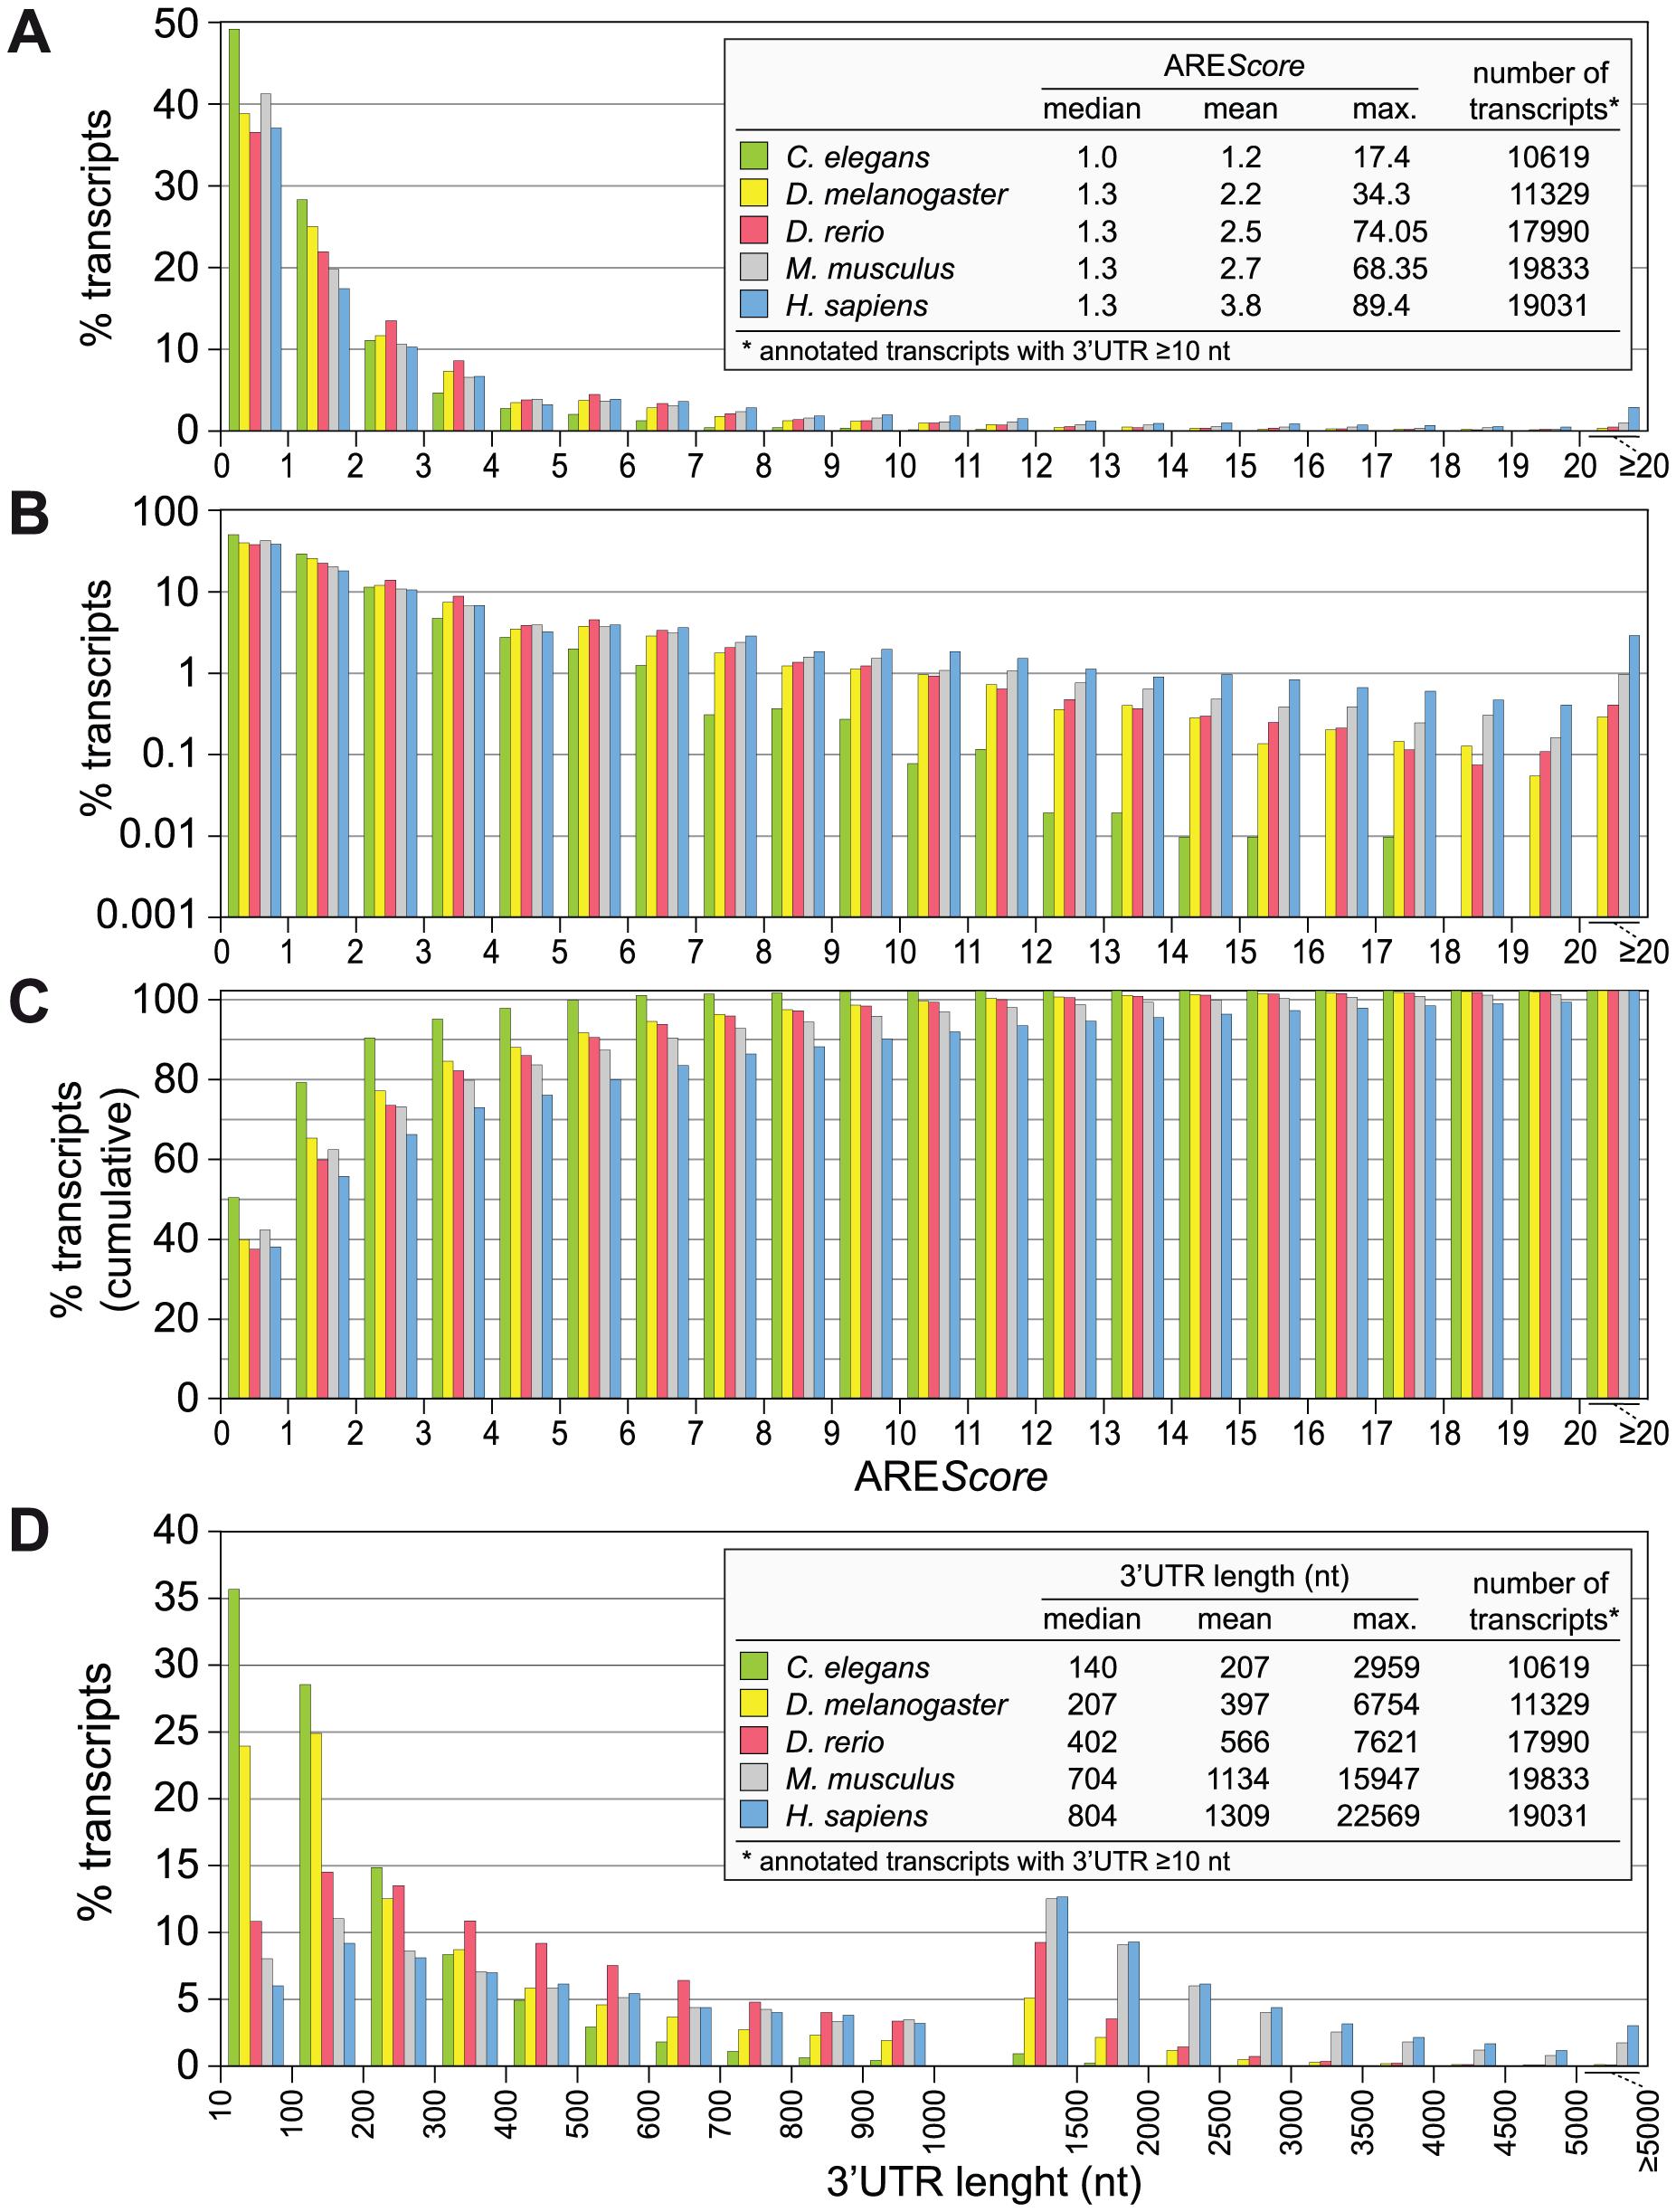 ARE<i>Score</i> distribution in different metazoa.